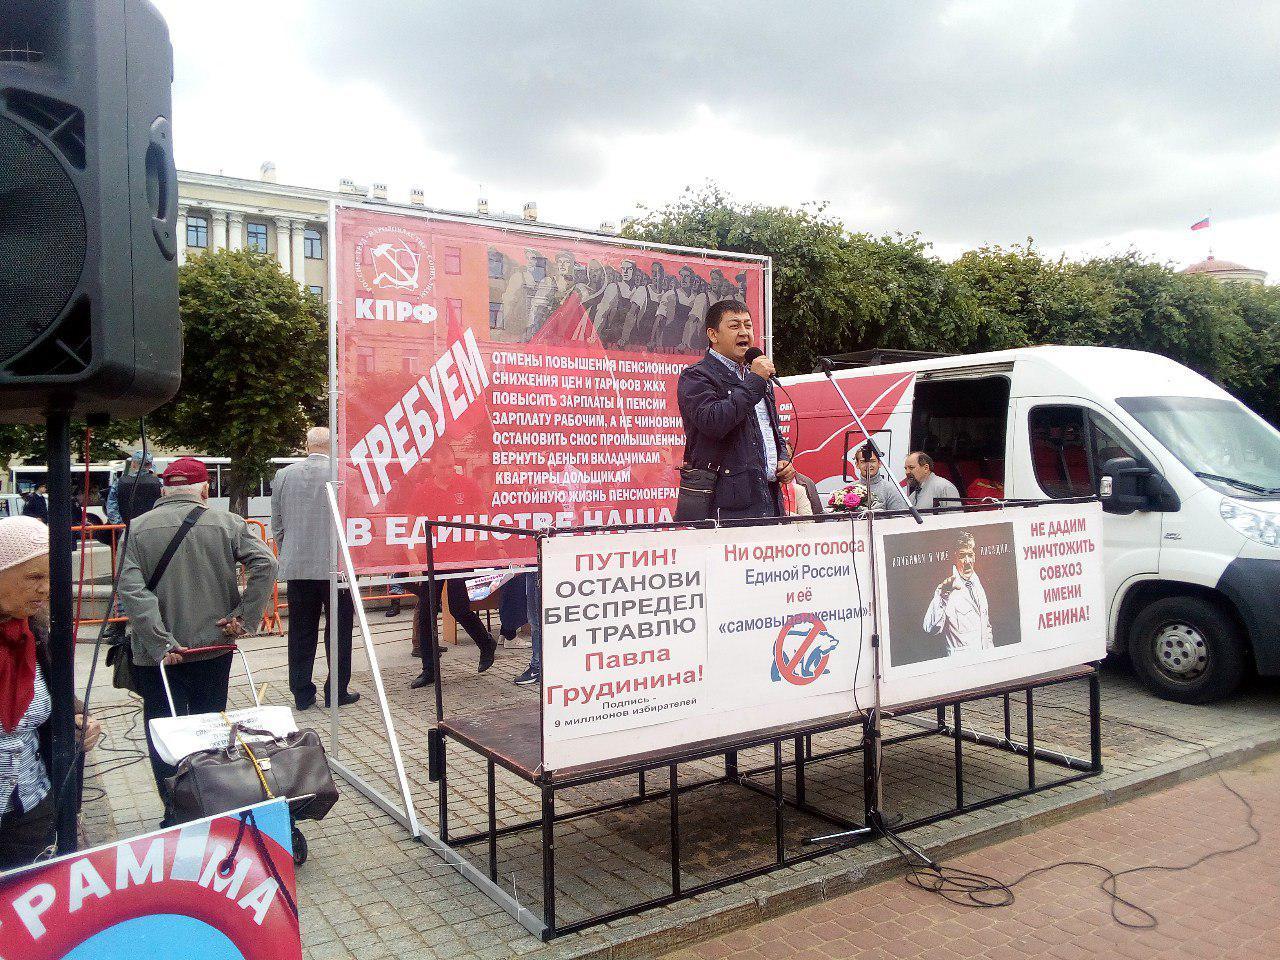 фото ЗакС политика КПРФ начала акцию за честные выборы в Петербурге